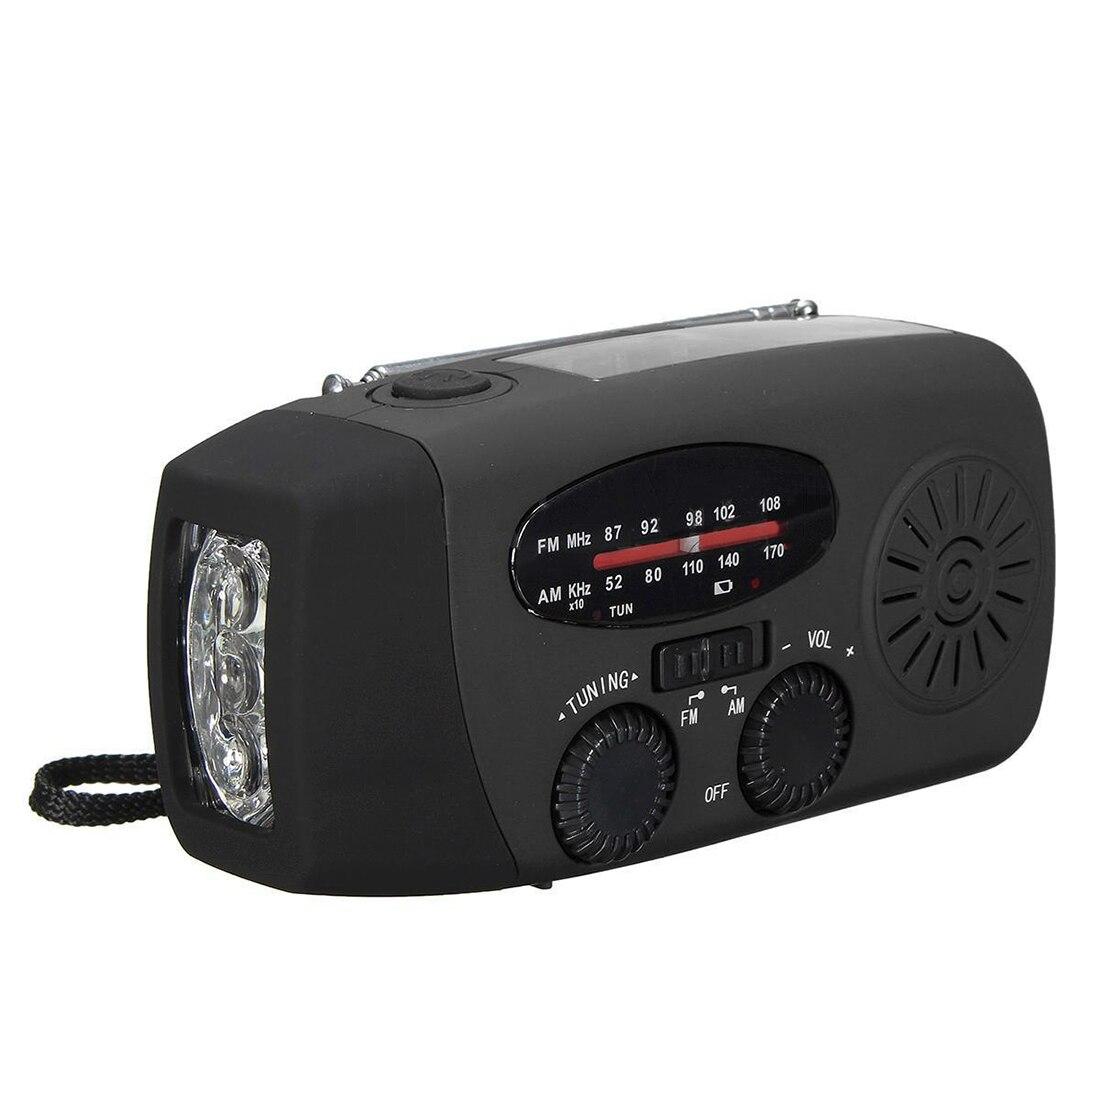 PräZise Wasserdichte Tragbare Handkurbel Solar Radio Am/fm 3 Led Taschenlampe Handy-ladegerät Schwarz Unterhaltungselektronik